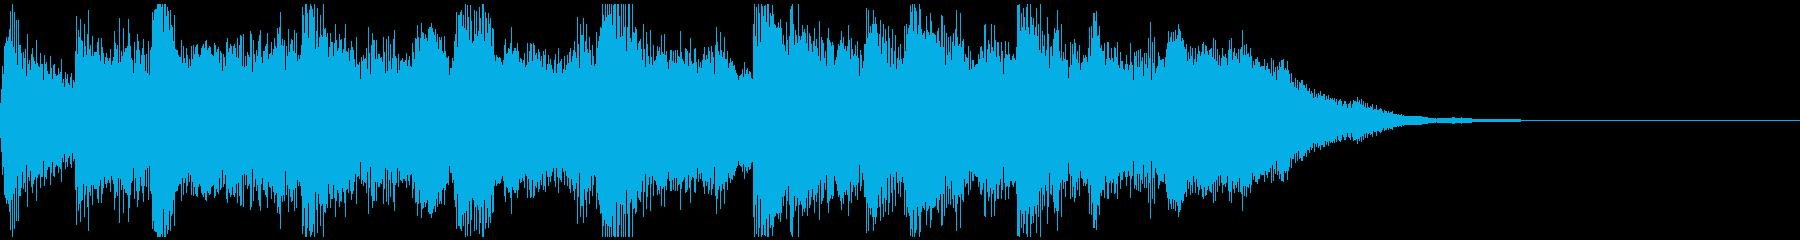 優しく包み込まれるようなショートBGMの再生済みの波形